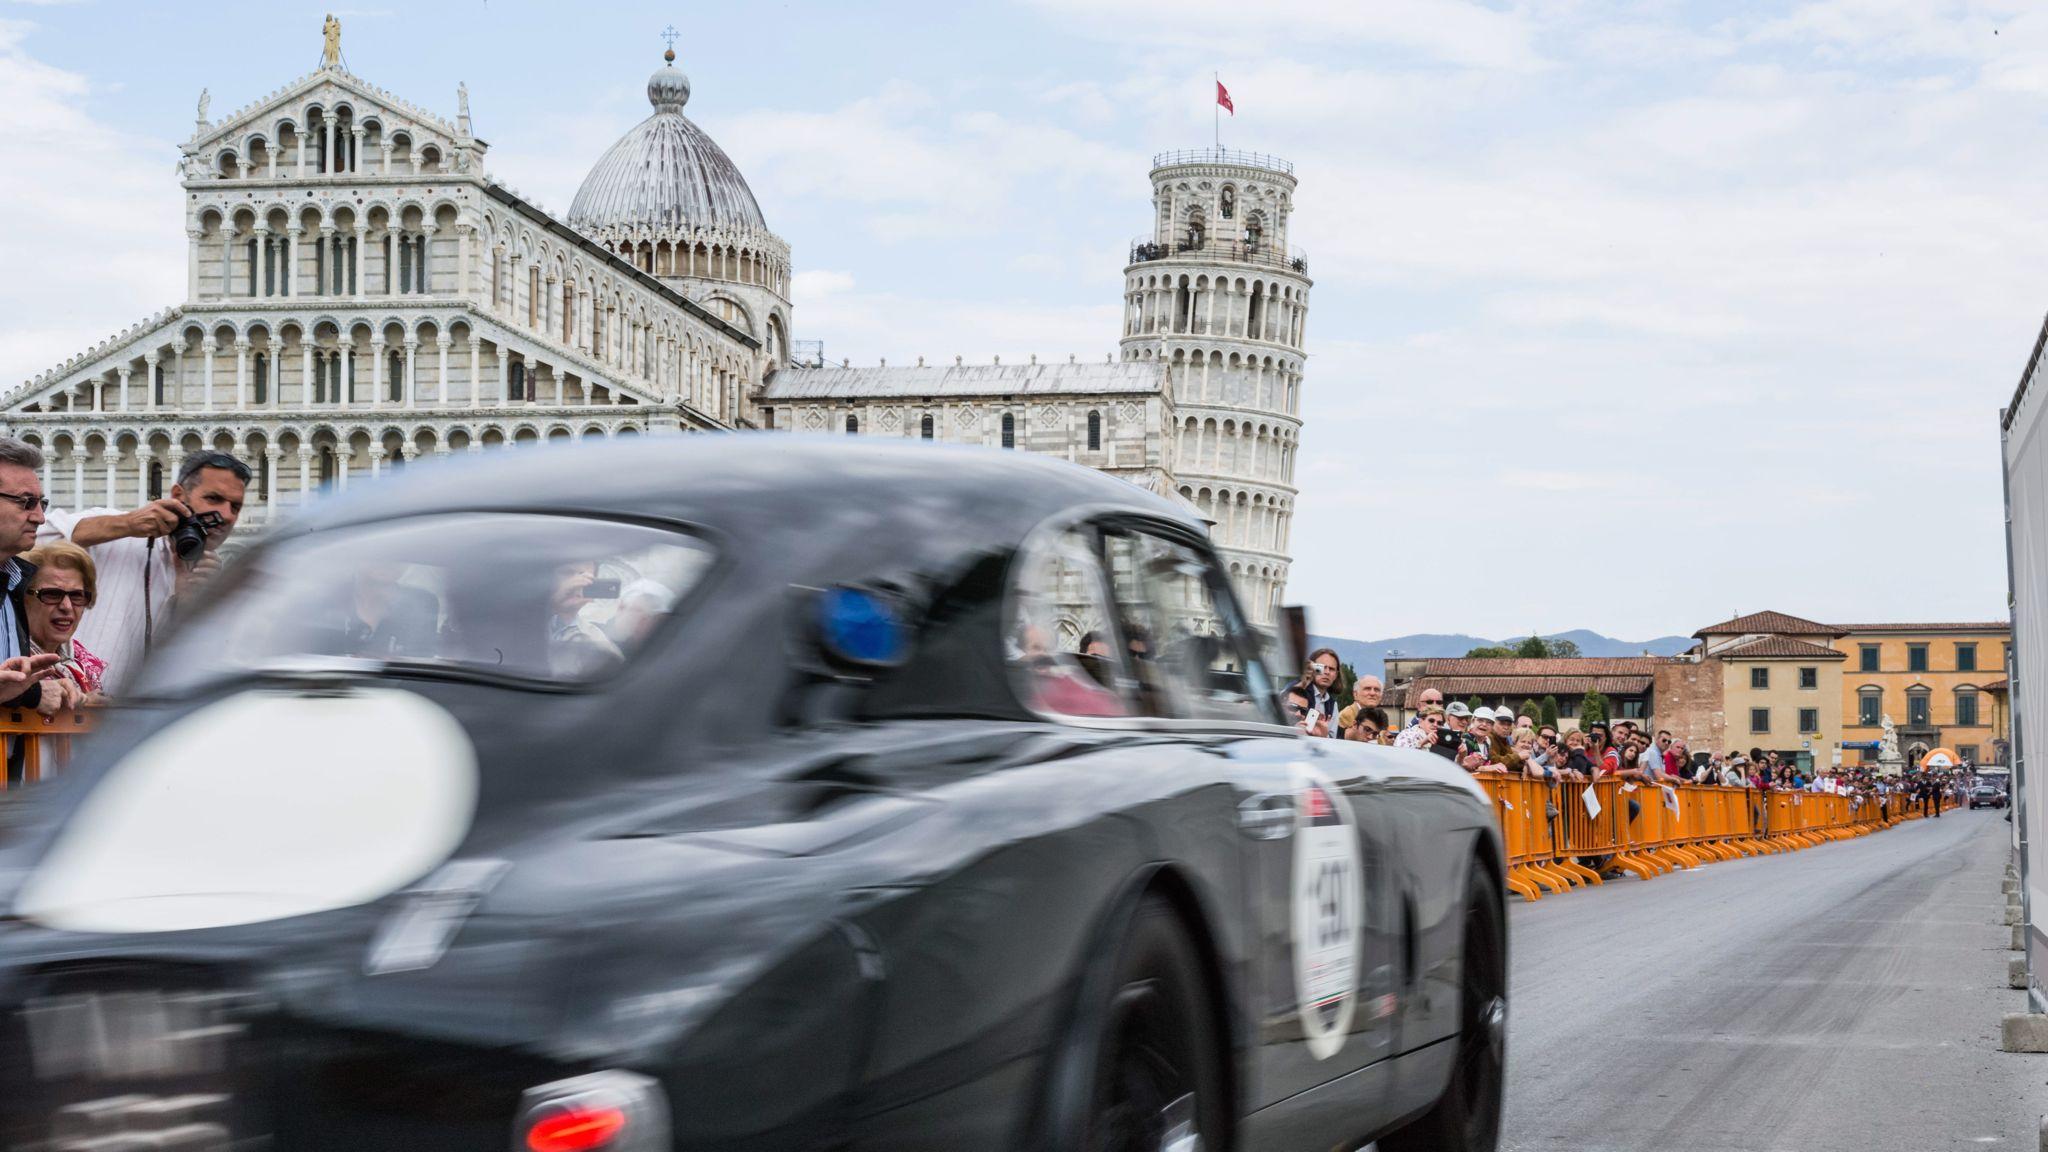 L1001142 - Mille Miglia 2014: Wie die 1000 Meilen wirklich sind und warum Jay Leno im Liegen fährt